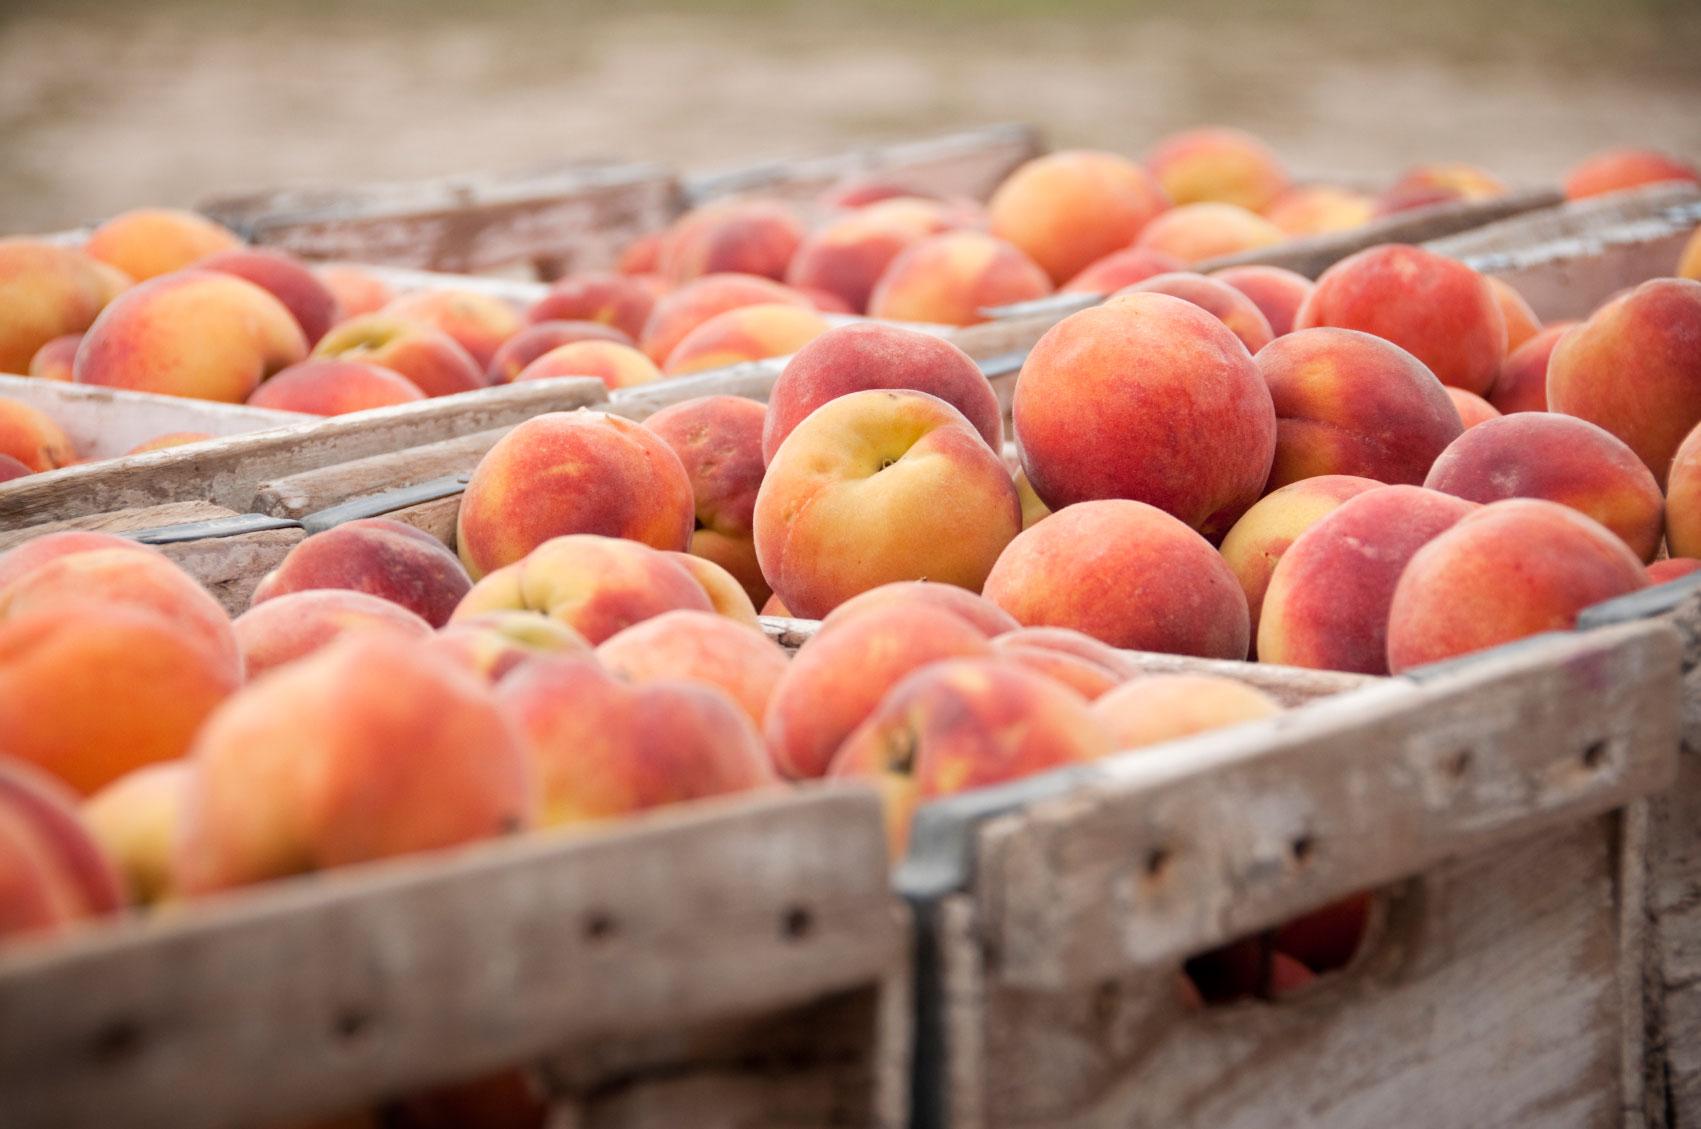 Peaches in Crates - The Peach Pelican